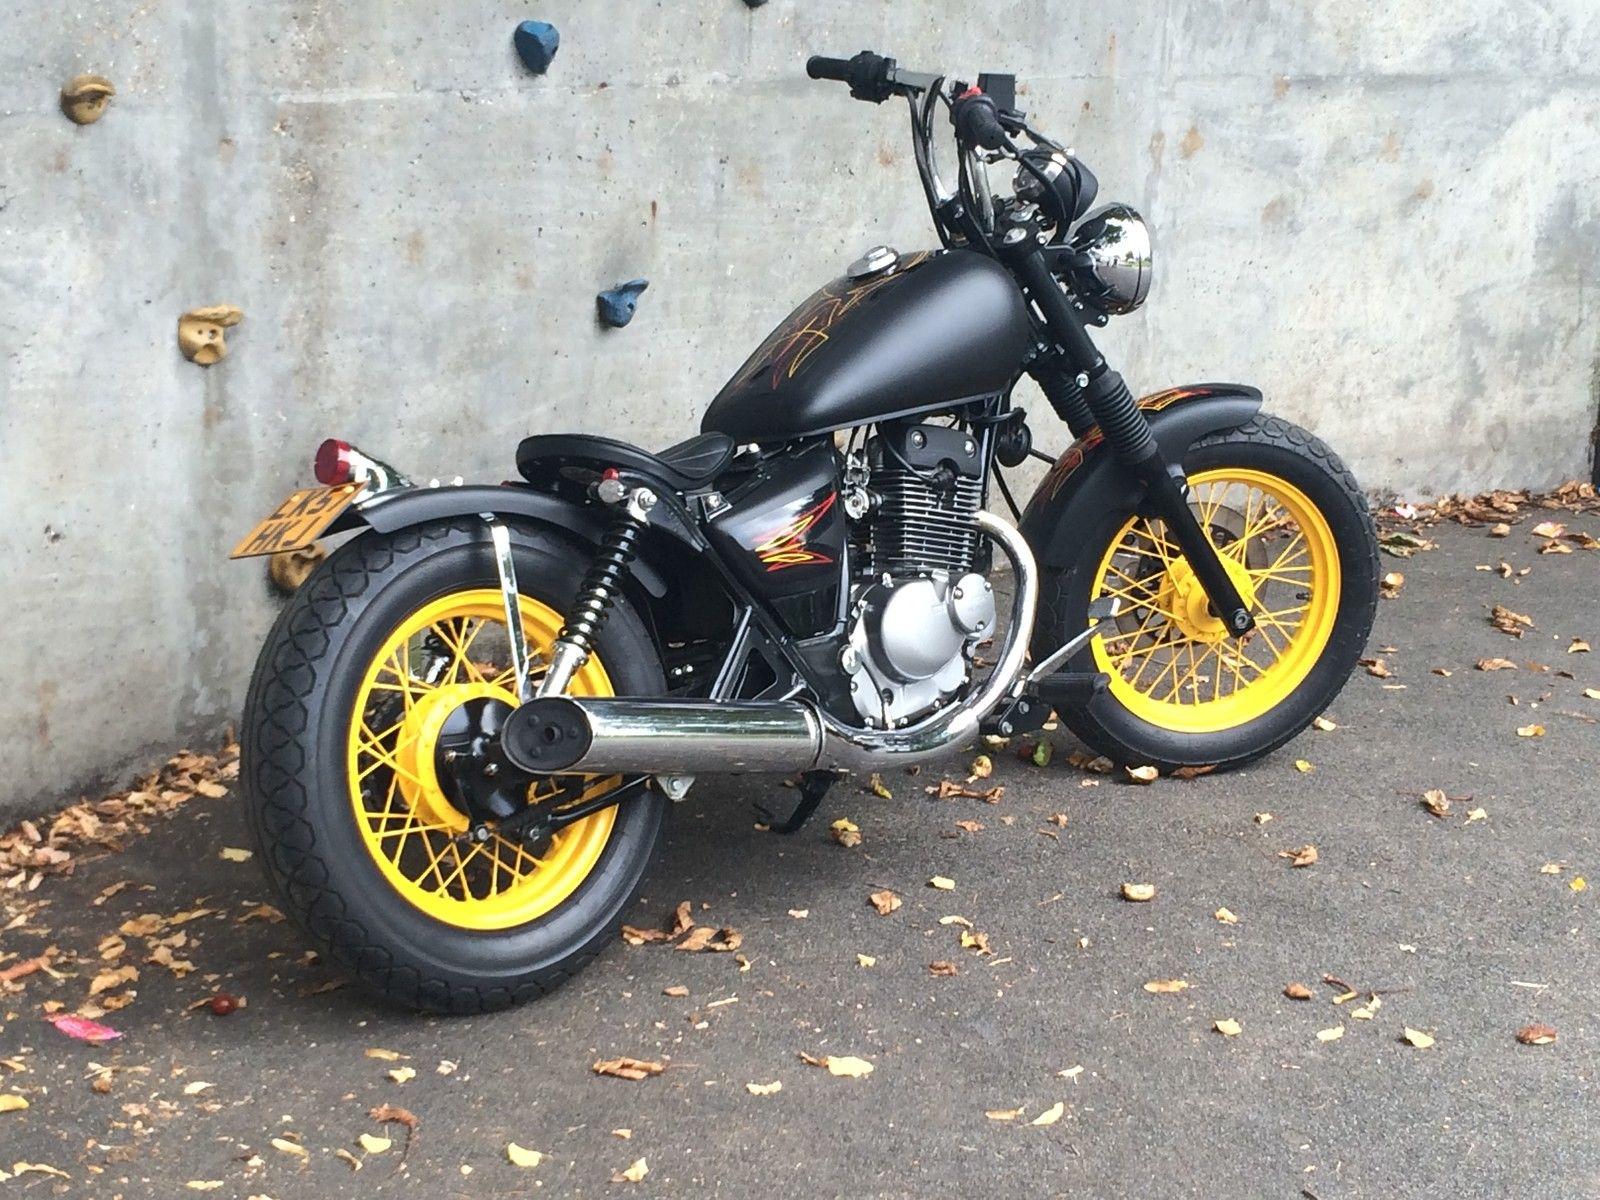 Suzuki 125cc Marauder Bobber